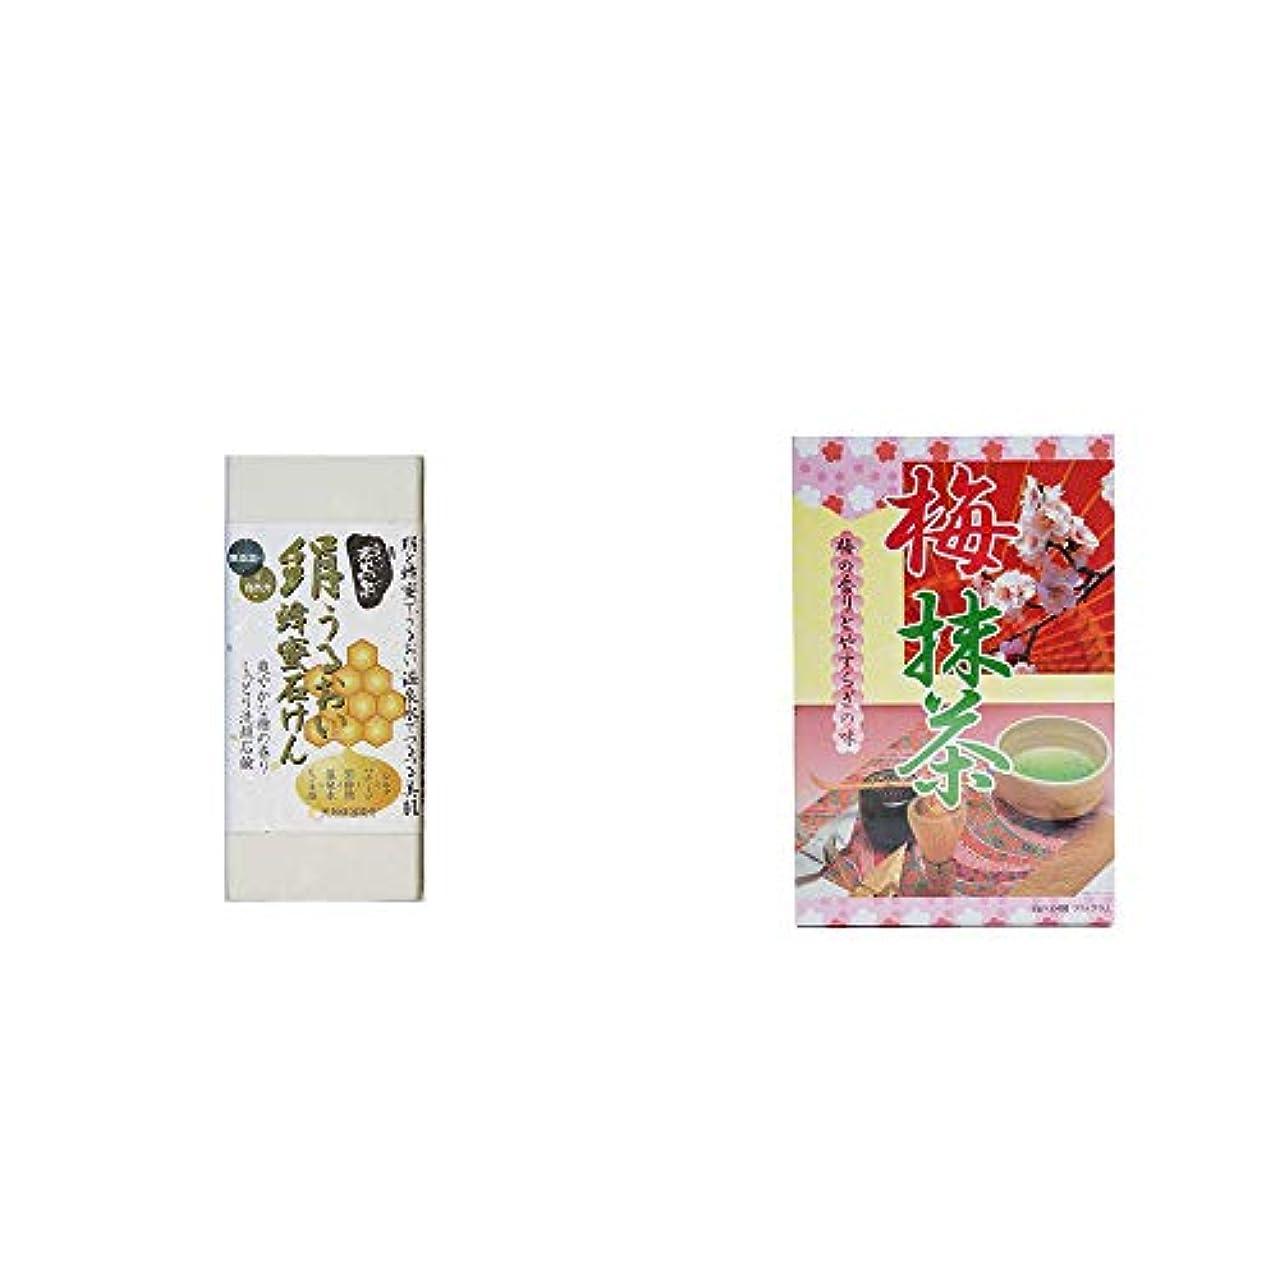 カリキュラムロック余裕がある[2点セット] ひのき炭黒泉 絹うるおい蜂蜜石けん(75g×2)?梅抹茶[大](24袋)